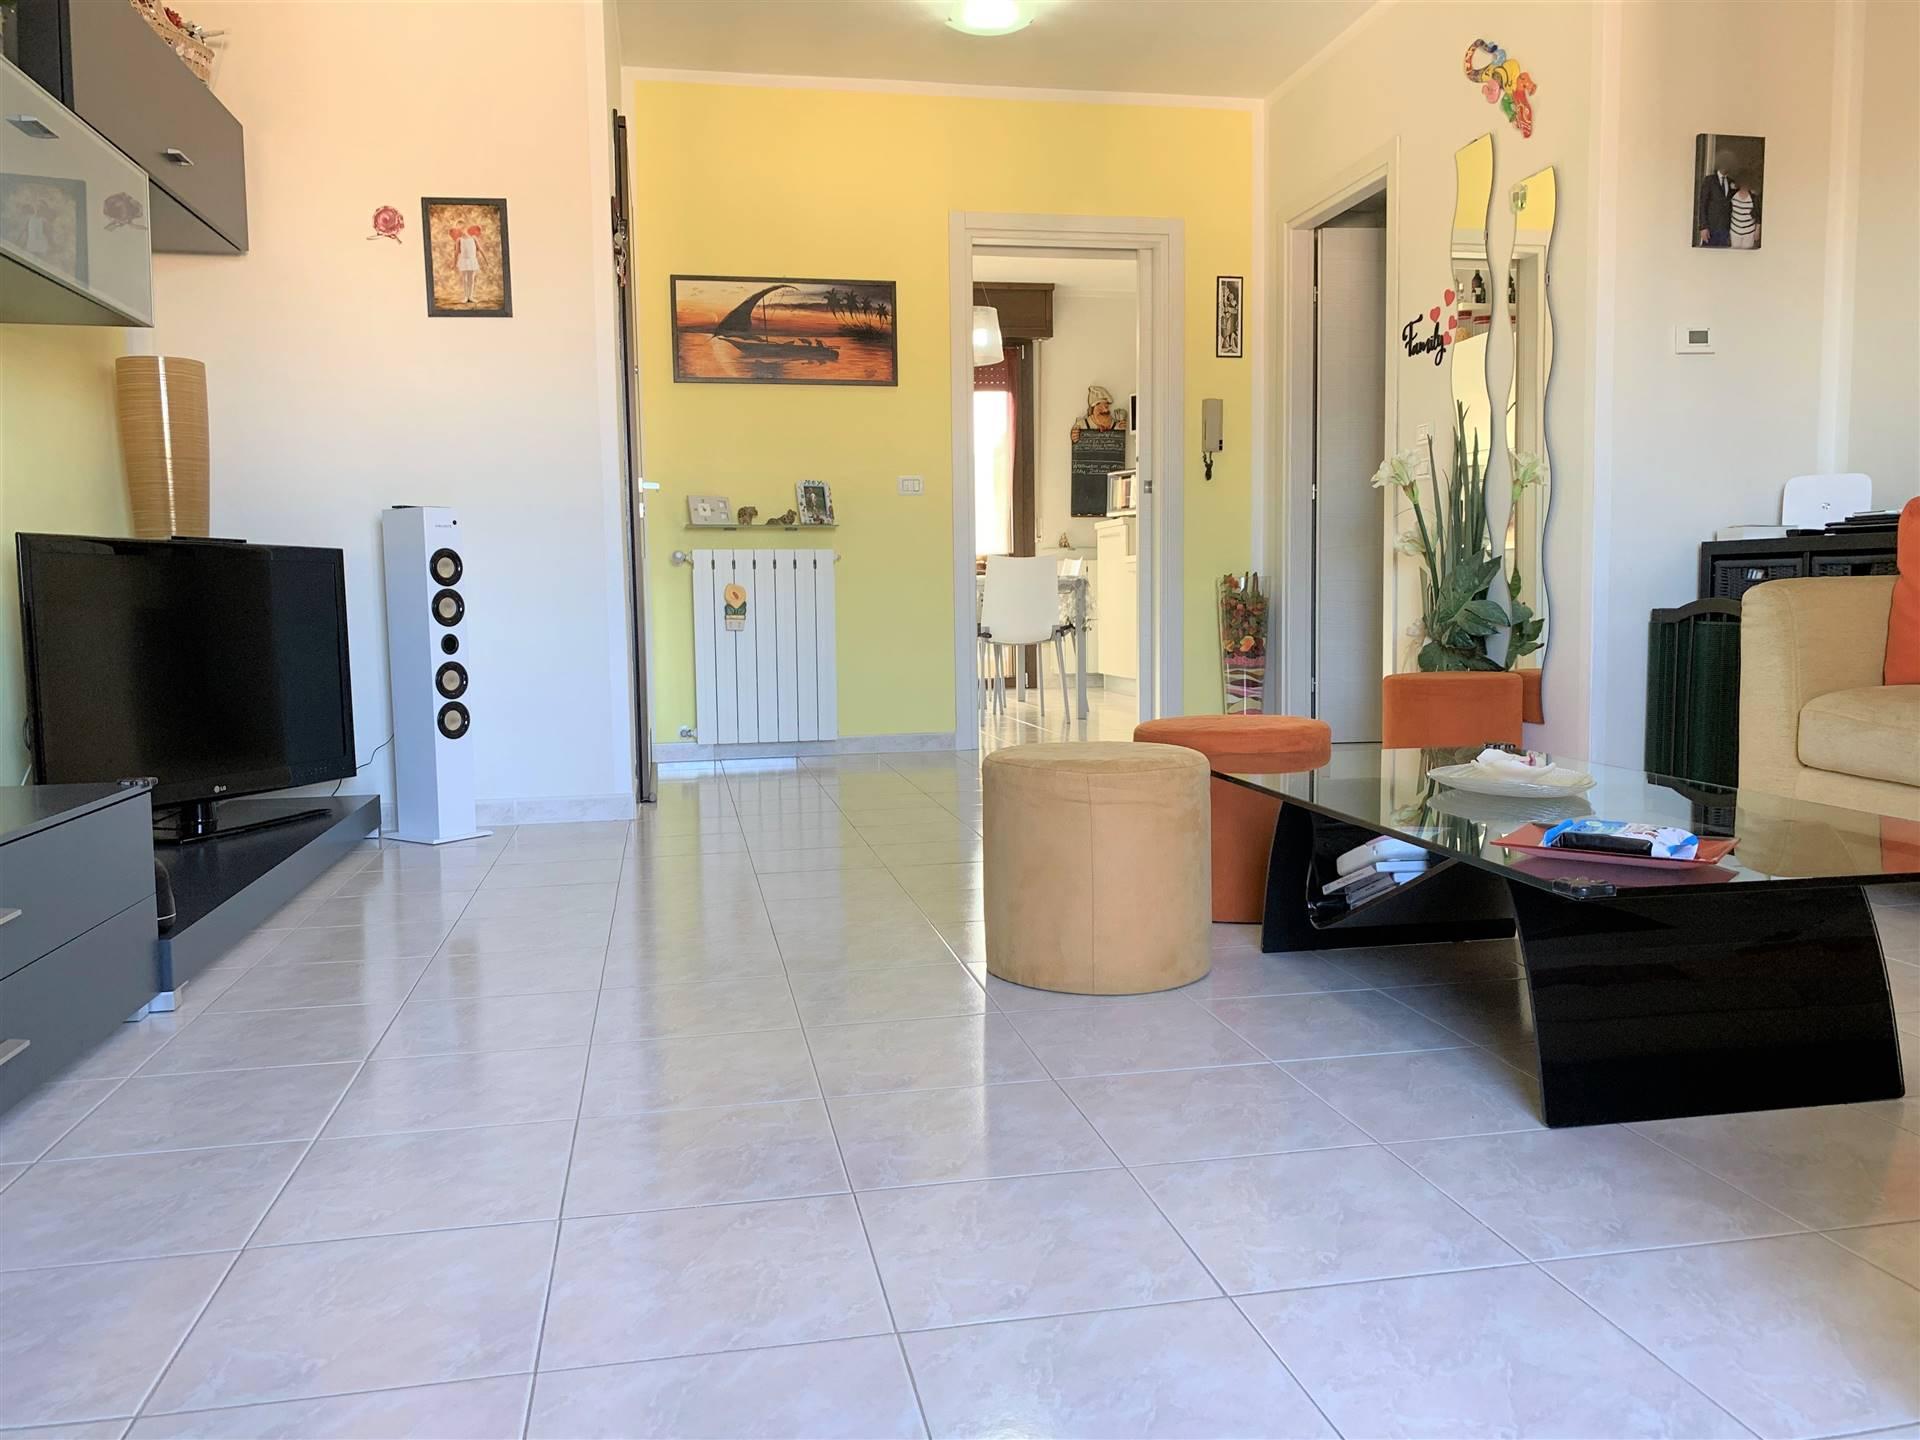 Appartamento in vendita a Curtatone, 3 locali, zona Località: VILLAGGIO EREMO, prezzo € 125.000 | CambioCasa.it